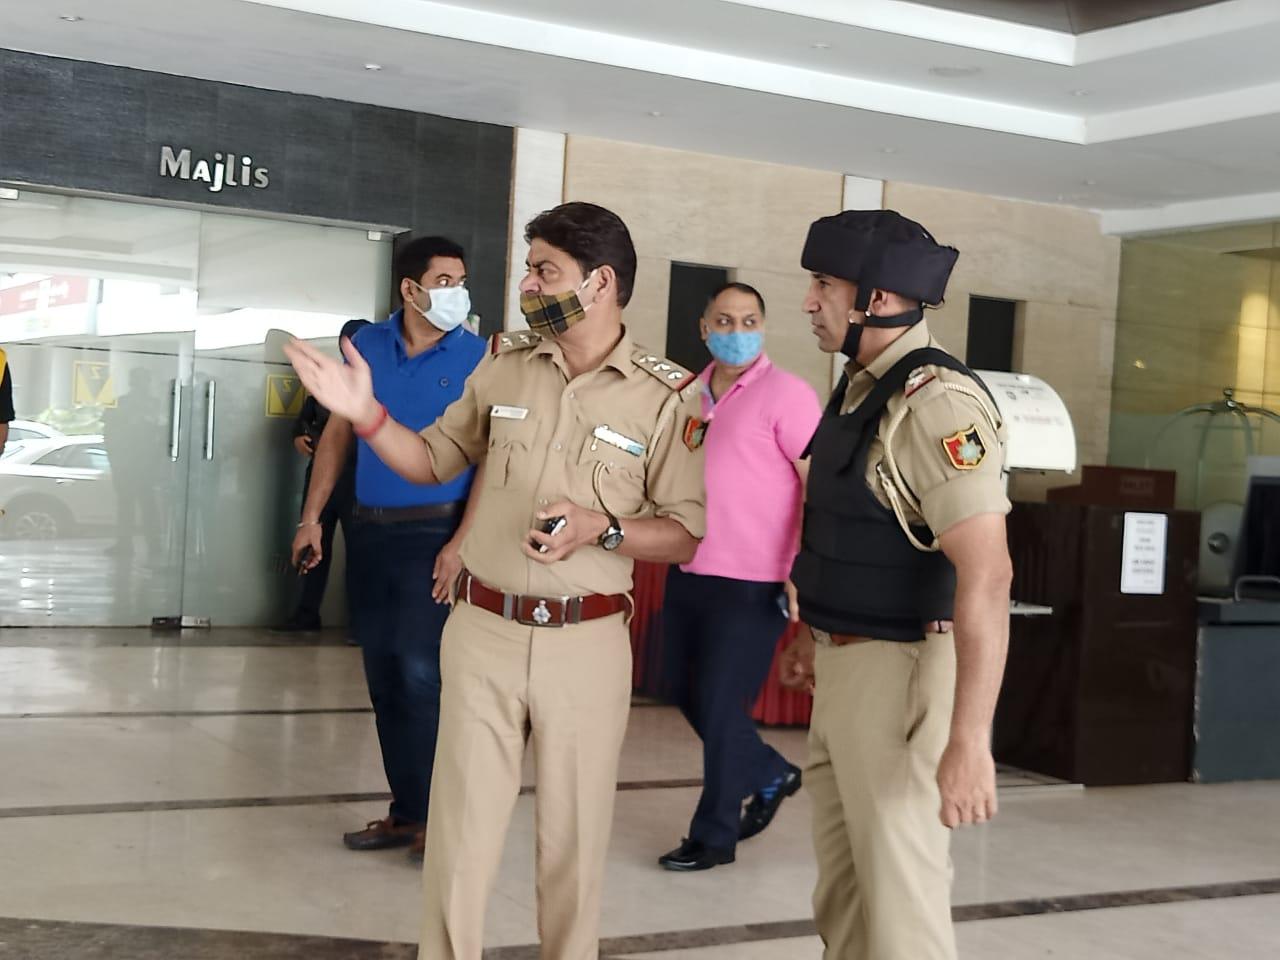 हथियारों के साथ कमांडो देख थम गई लोगों की सांसें, पुलिस ने सील किया होटल, डॉग स्क्वॉड ने चप्पा-चप्पा खंगाला|चंडीगढ़,Chandigarh - Dainik Bhaskar